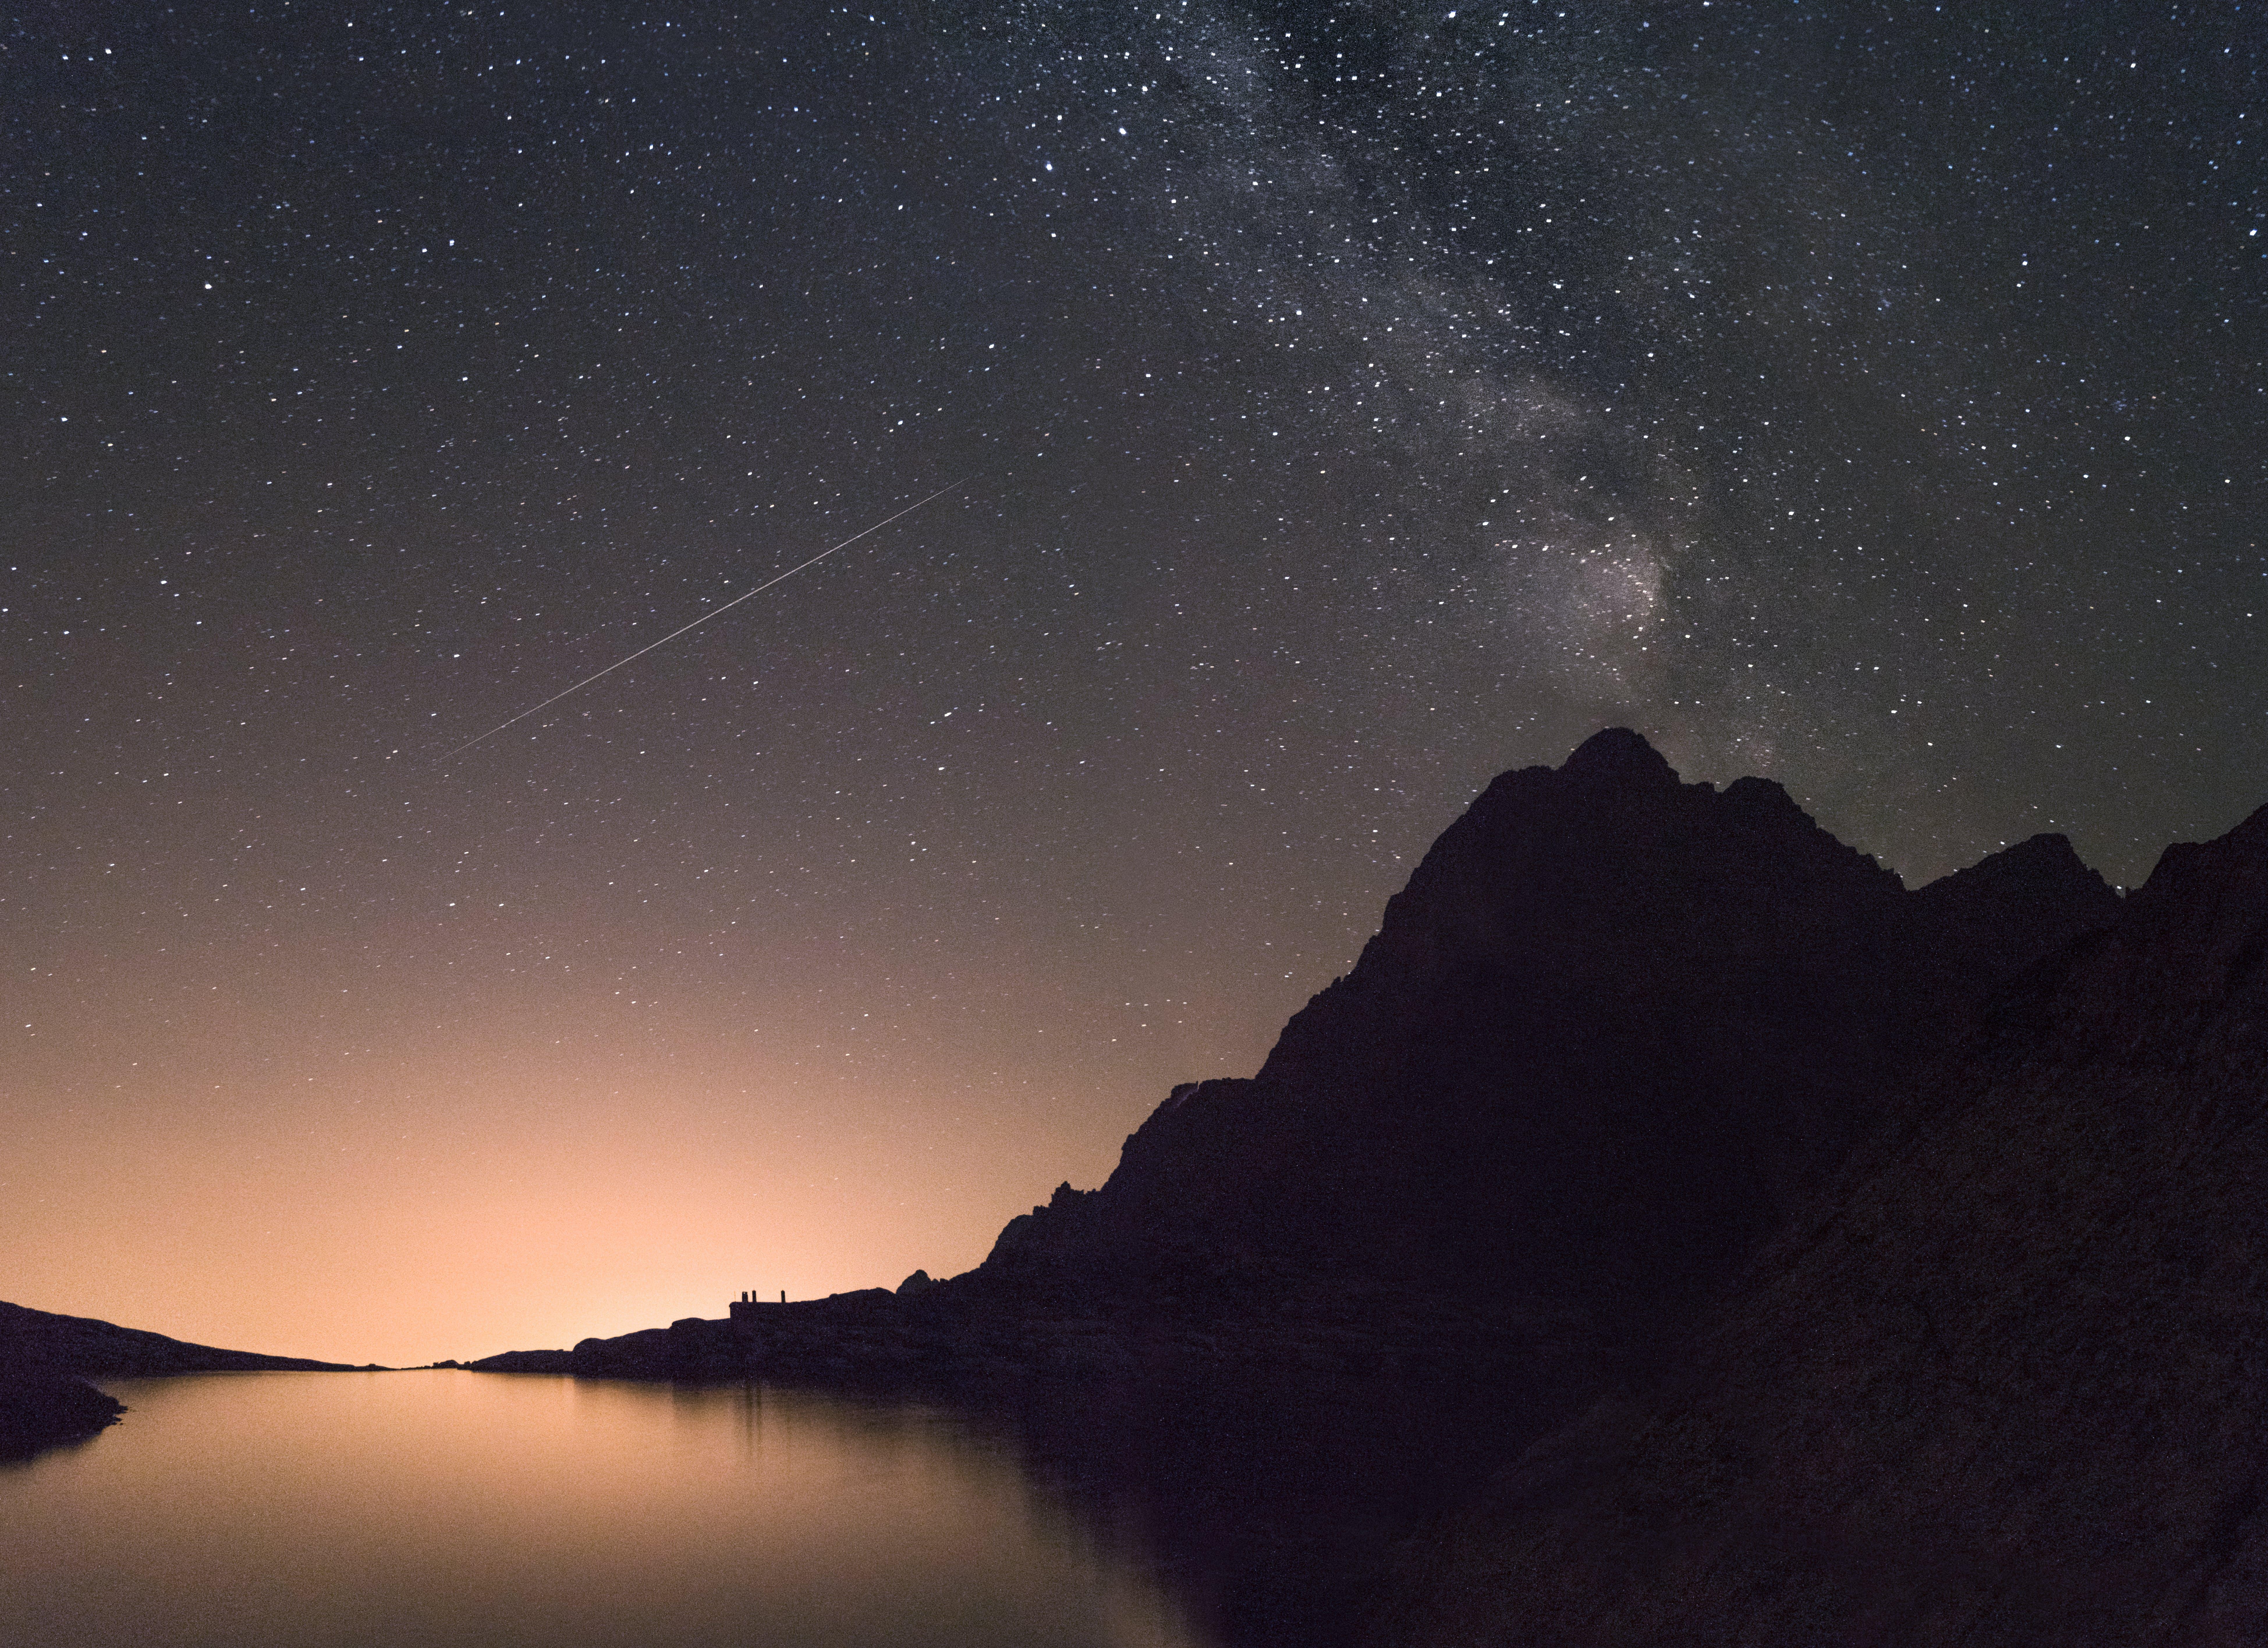 Kostenloses Stock Foto zu himmel, nacht, silhouette, berg